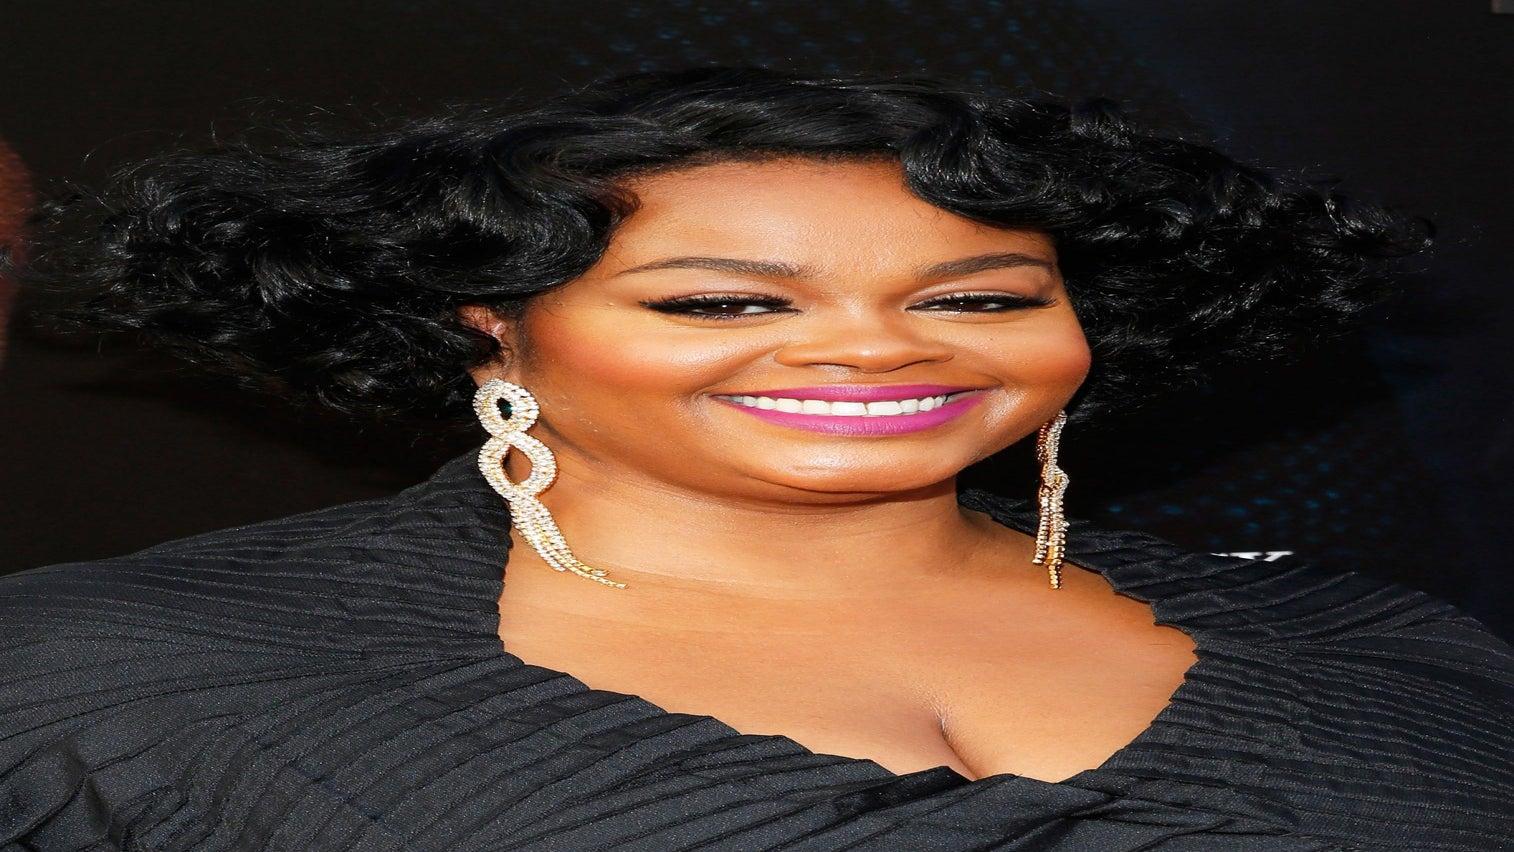 Jill Scott Is ESSENCE's Black Women in Music 2015 Honoree